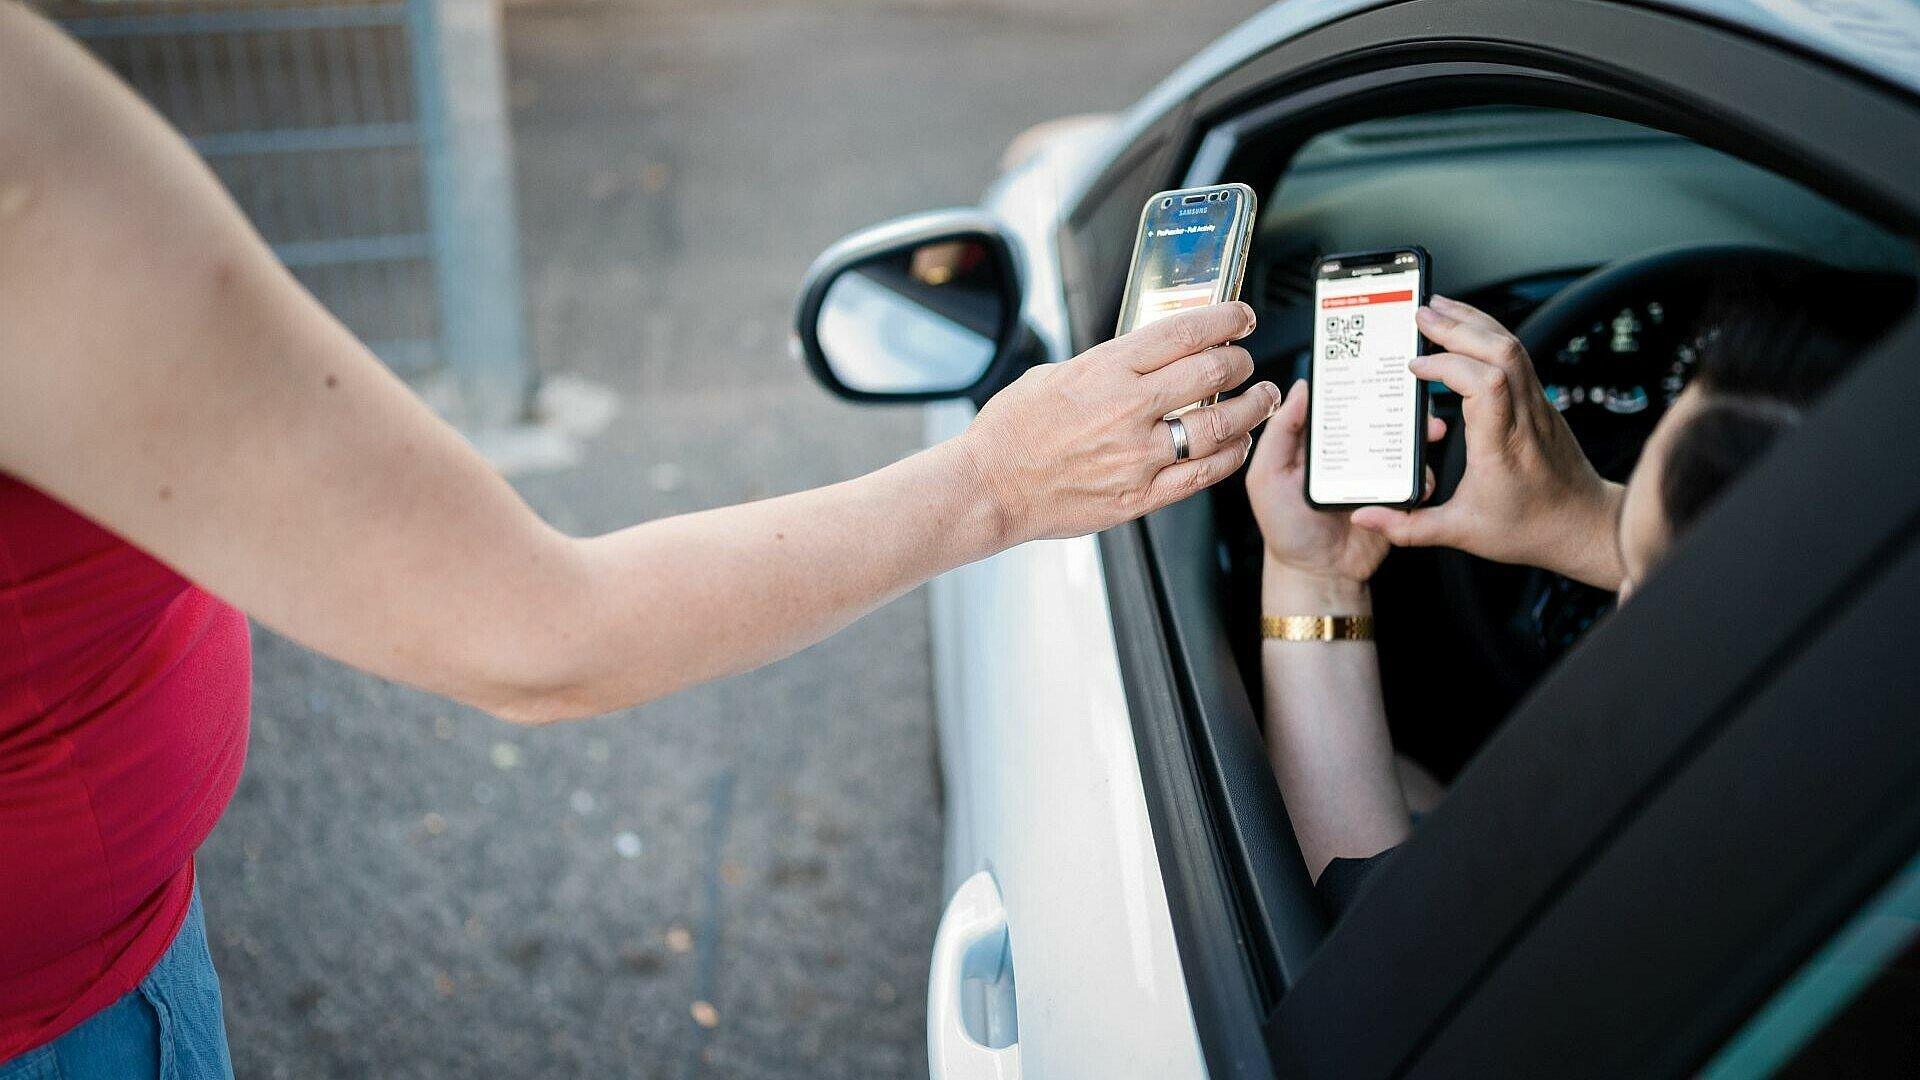 Einchecken mit dem Handy im Autokino Porz